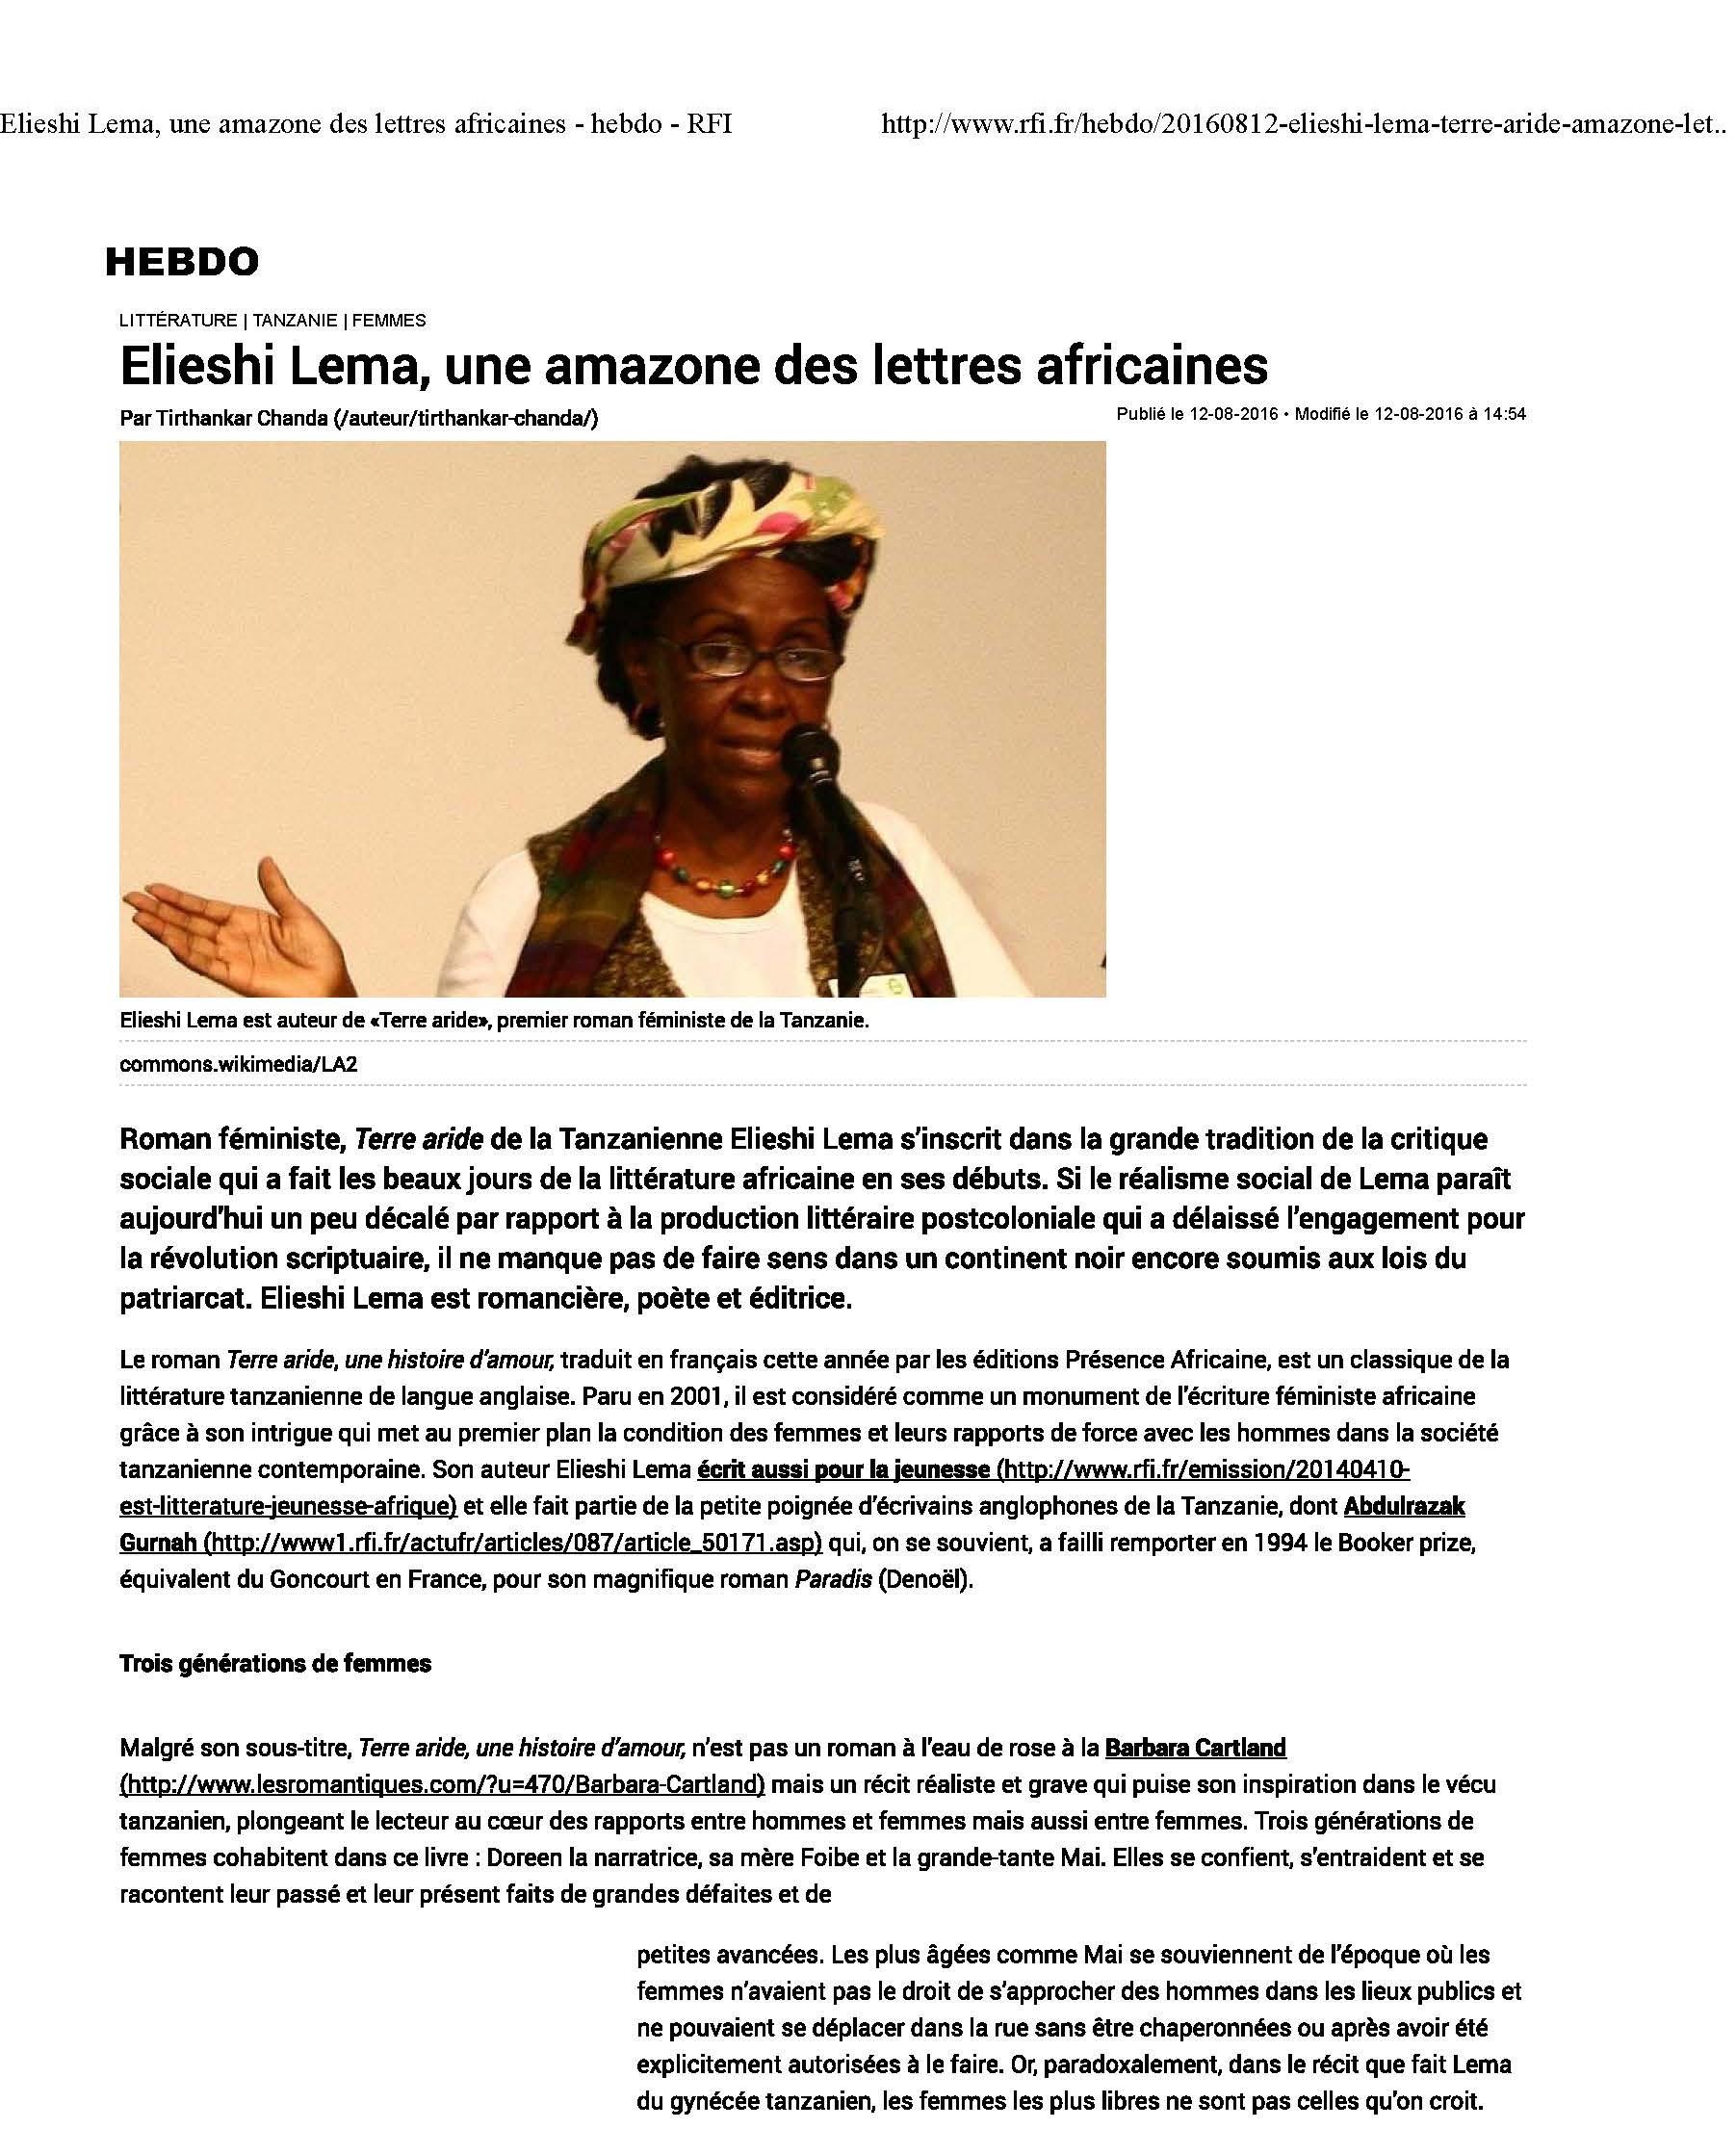 Elieshi Lema, une amazone des lettres af